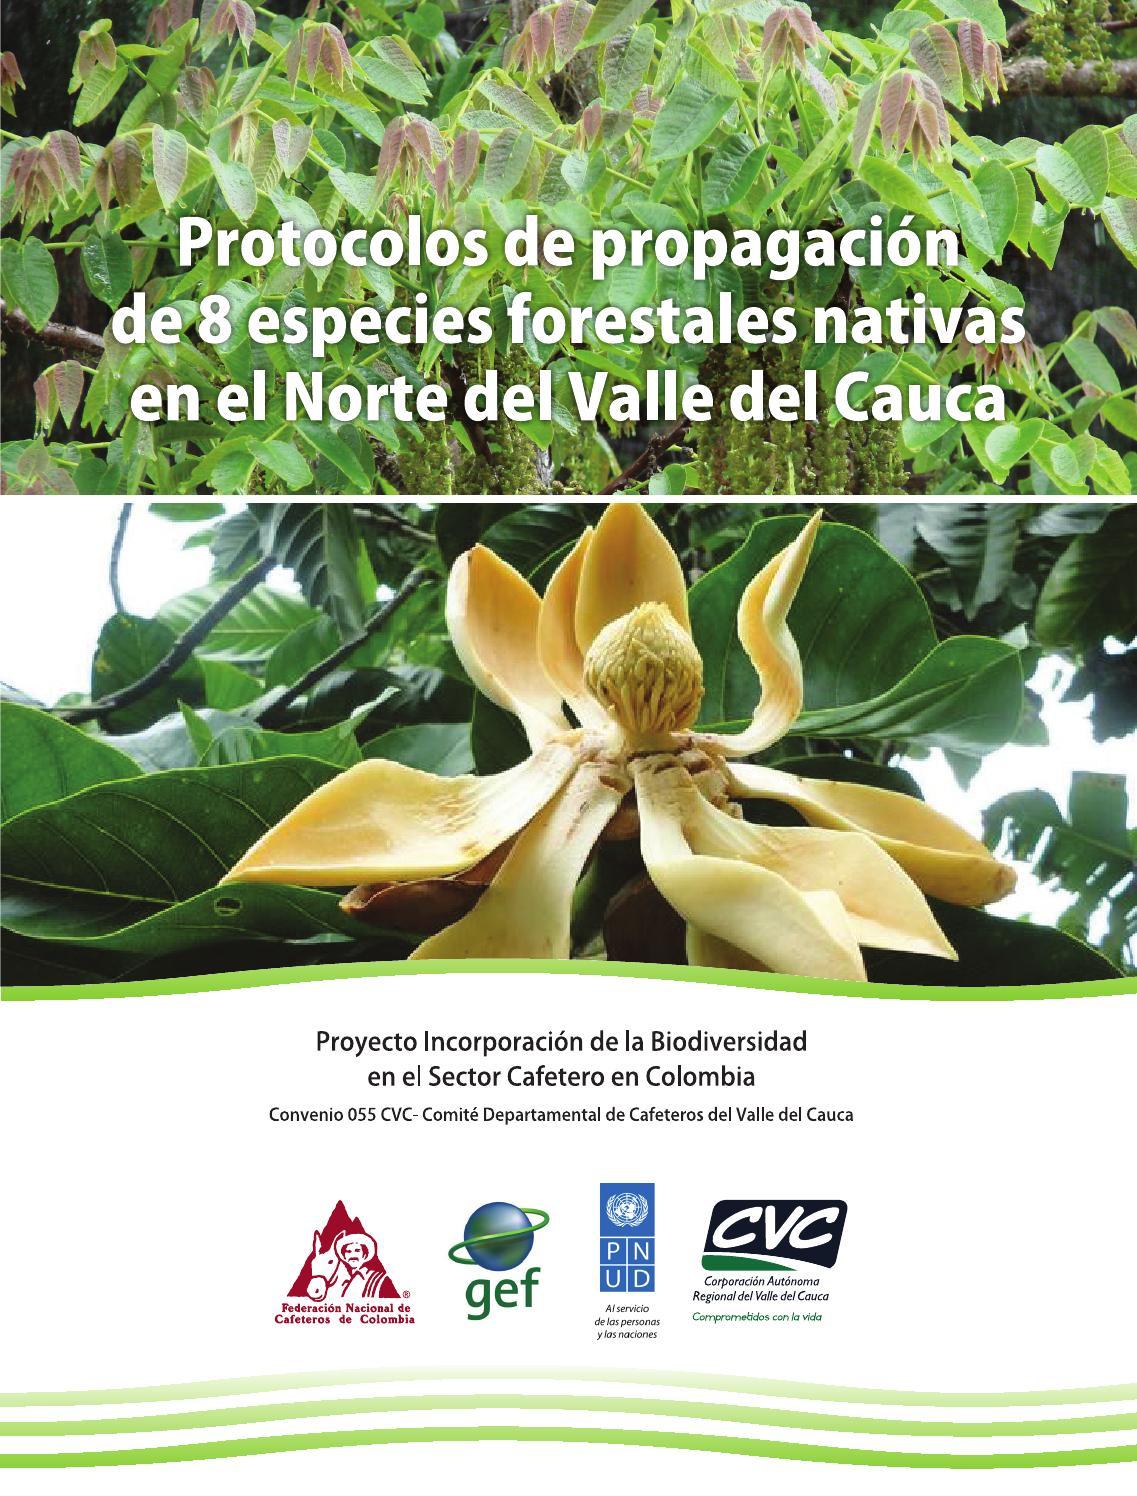 Protocolos de propagaci n de 8 especies forestales nativas - Vivero la rosa del norte ...